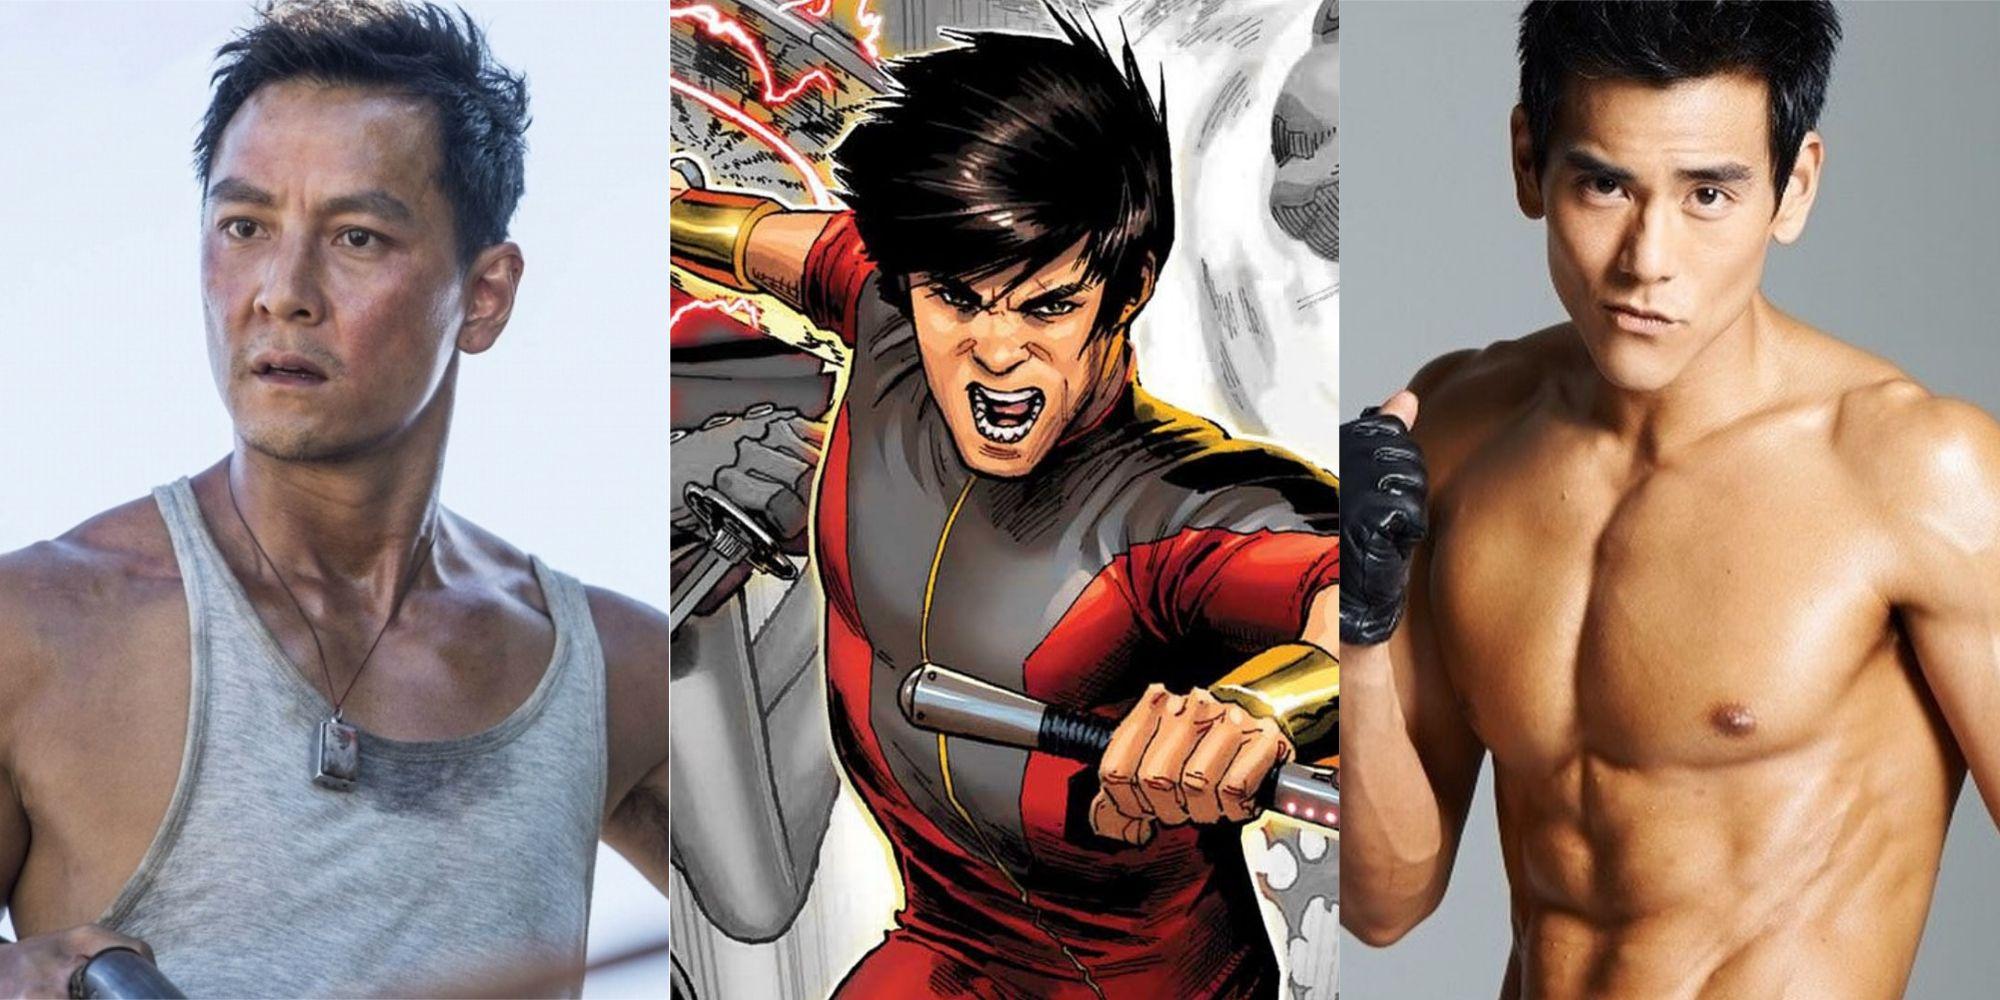 漫威首部華人英雄電影終於來啦!網友點名彭于晏、吳彥祖,你覺得誰適合演出這位超強武術家?